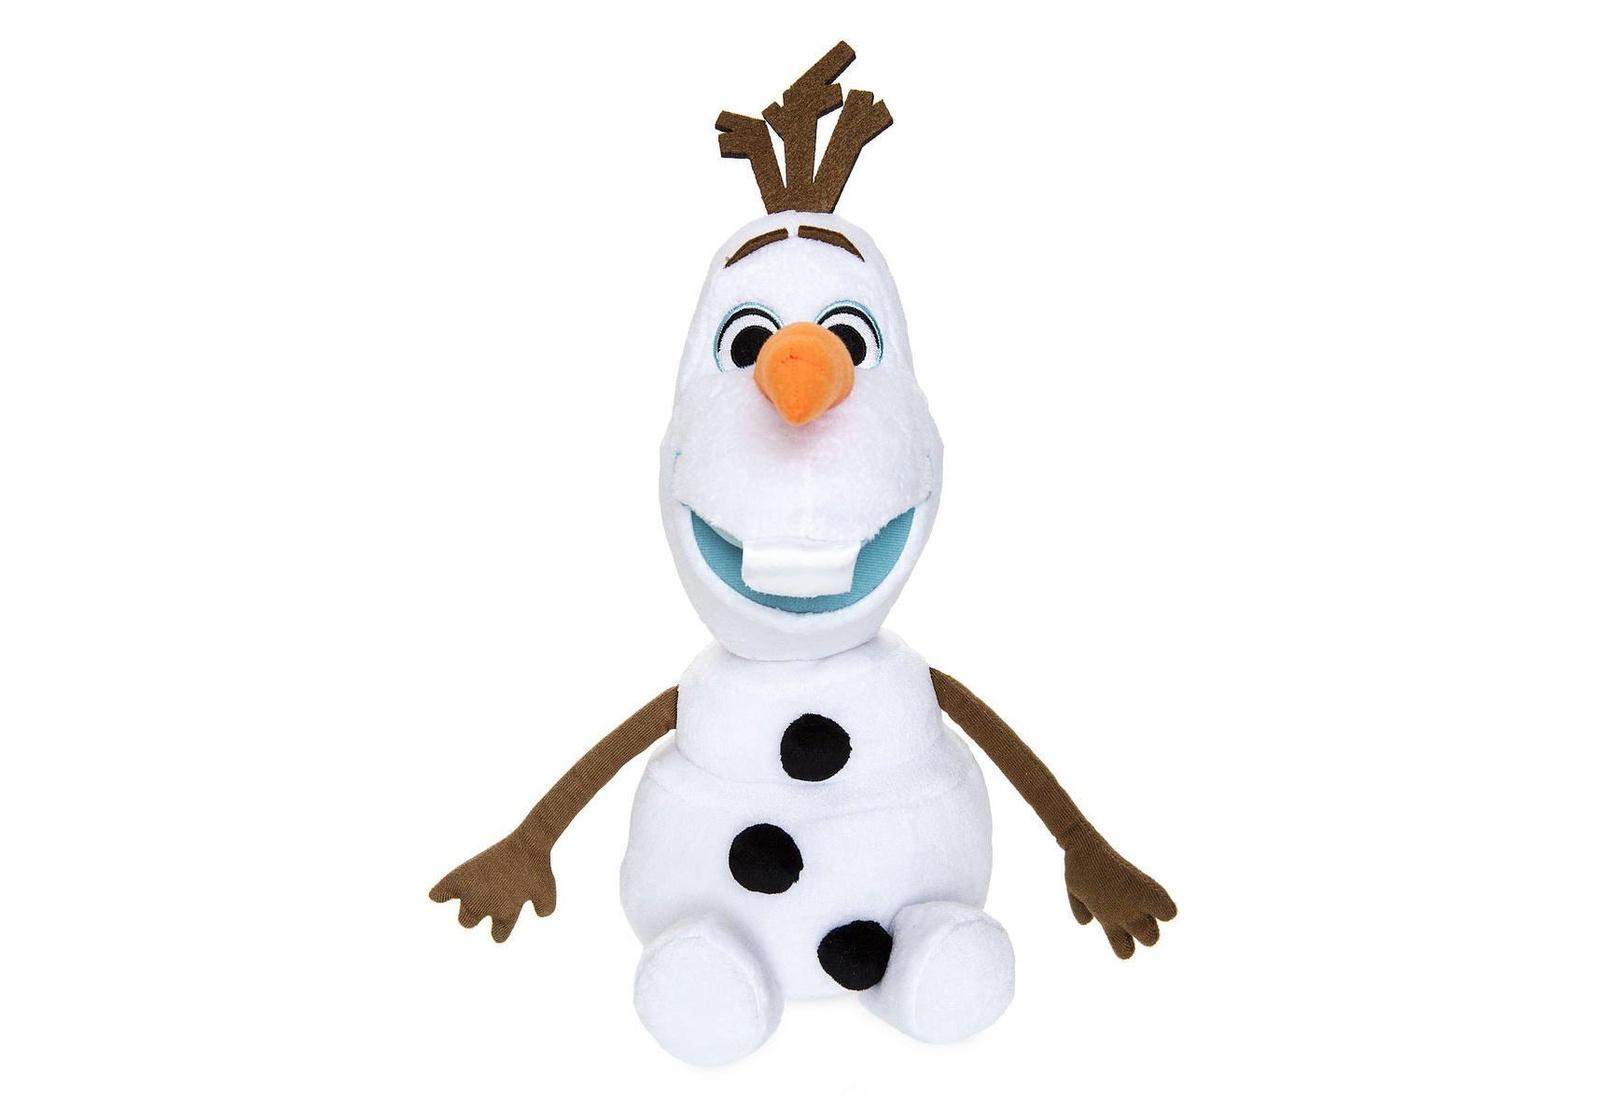 Мягкая игрушка Холодное сердце Дисней снеговик Олаф Disney стоимость